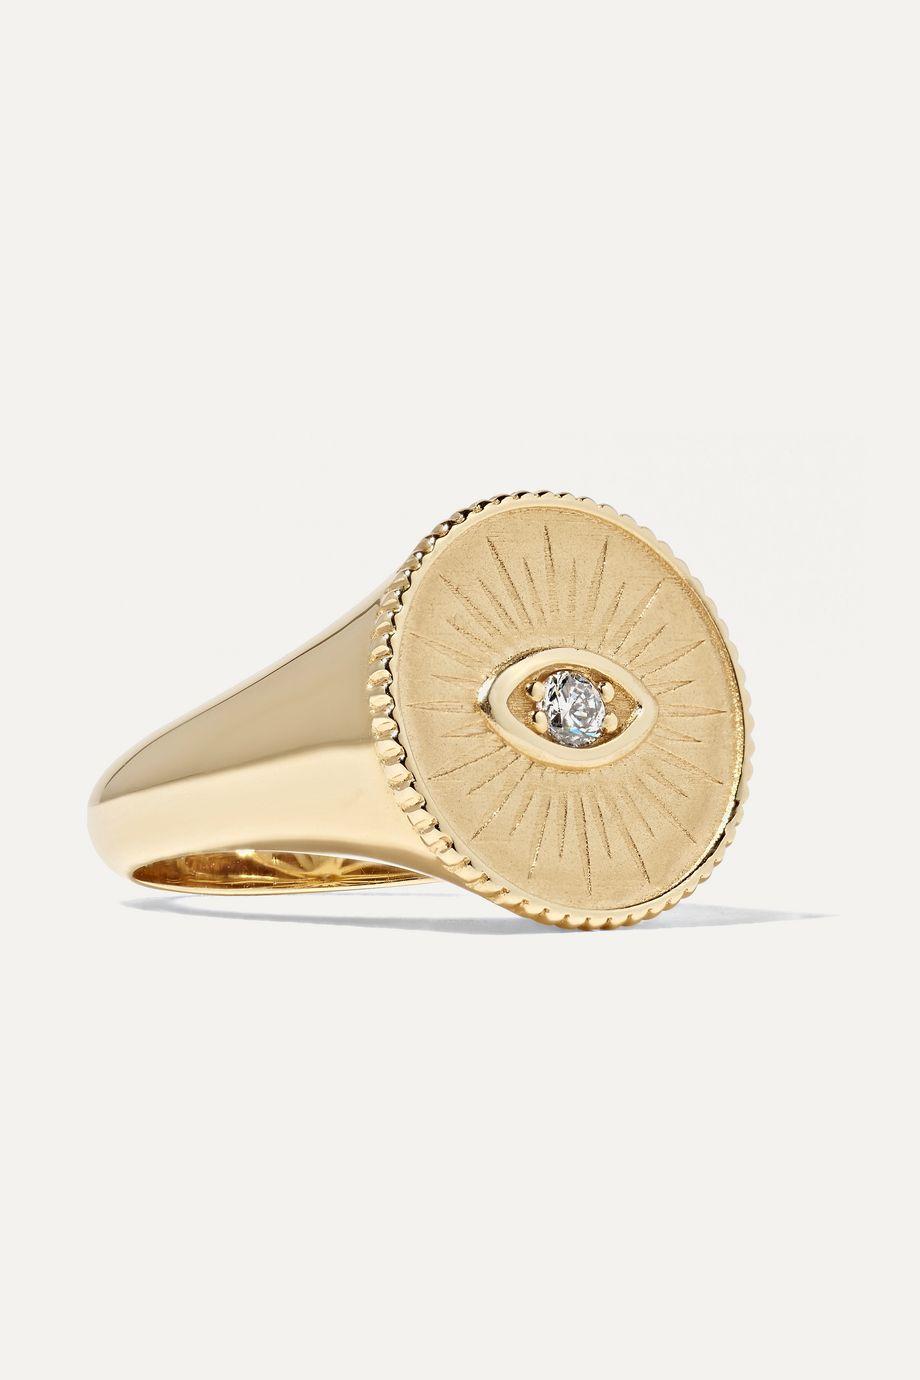 Sydney Evan 14K 黄金钻石图章戒指